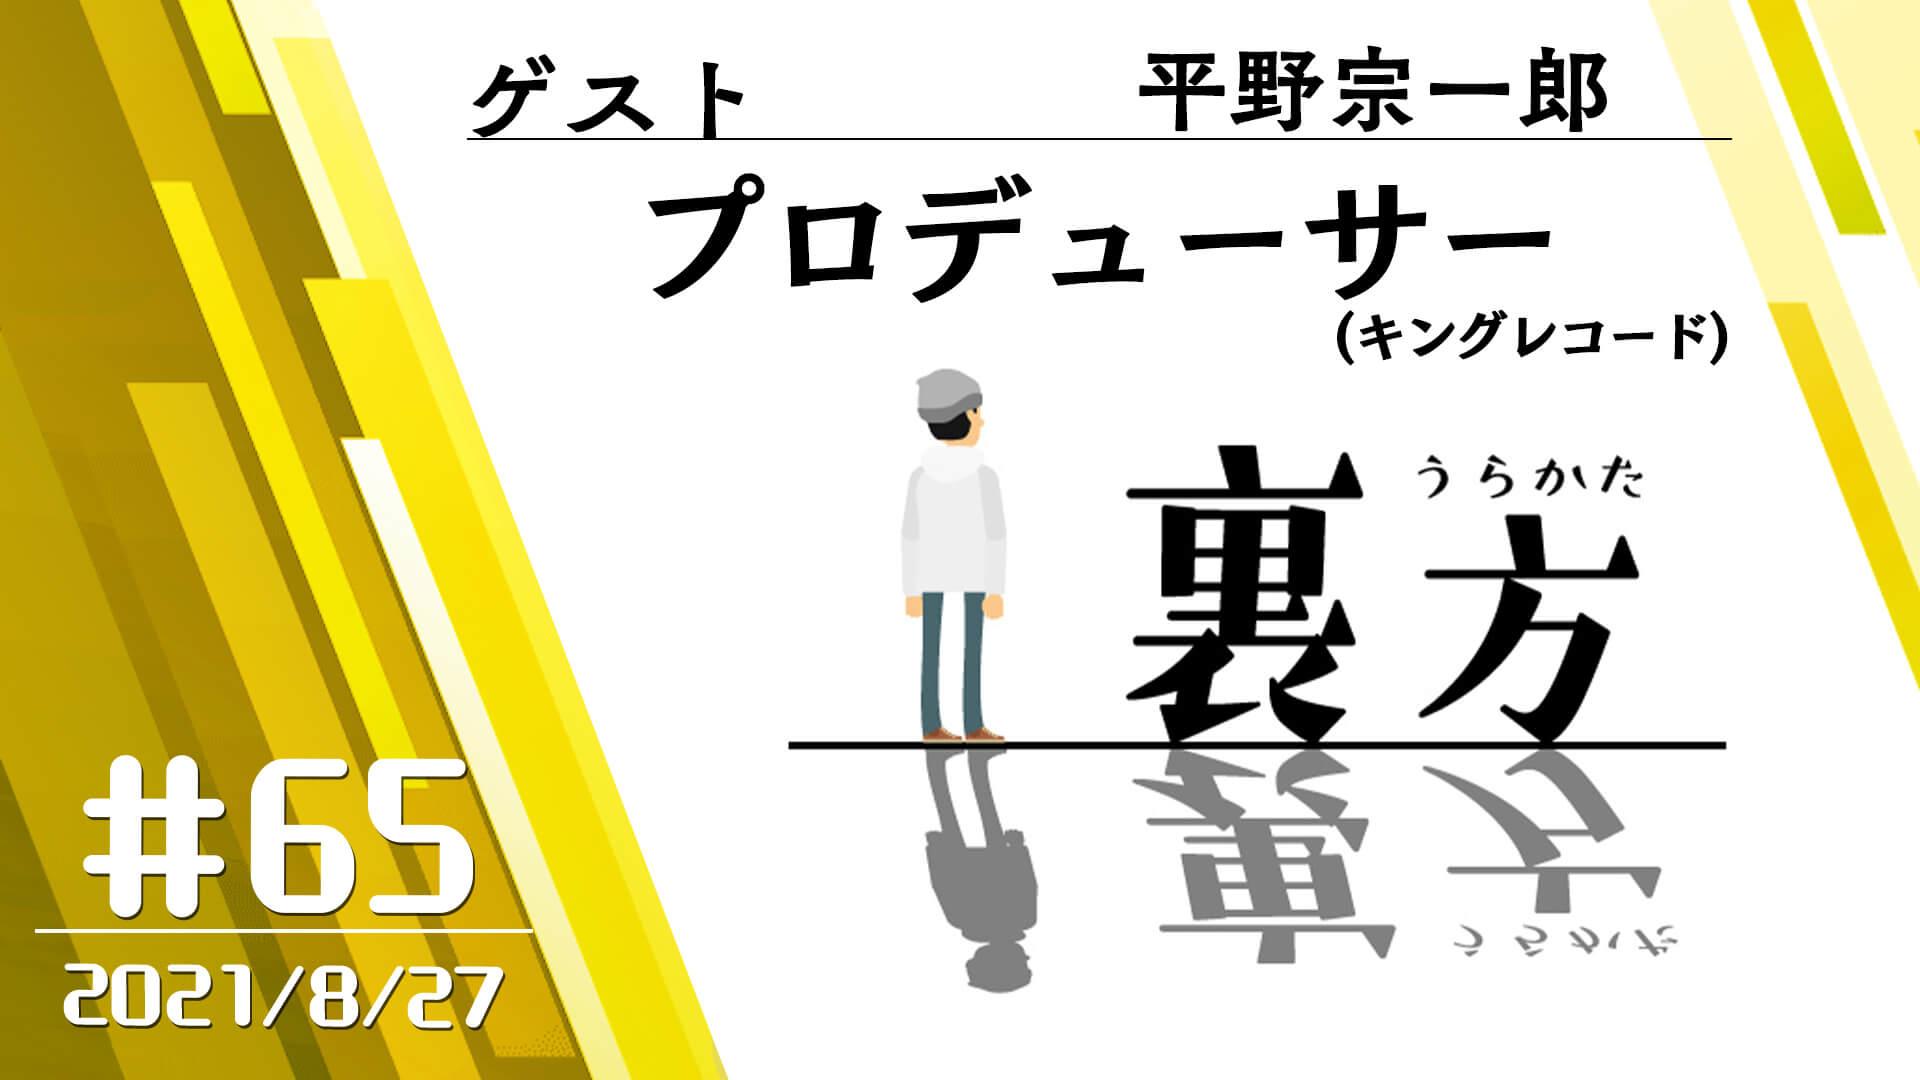 【ゲスト:プロデューサー 平野宗一郎さん】文化放送超!A&G+ 「裏方」#65 (2021年8月27日放送分)